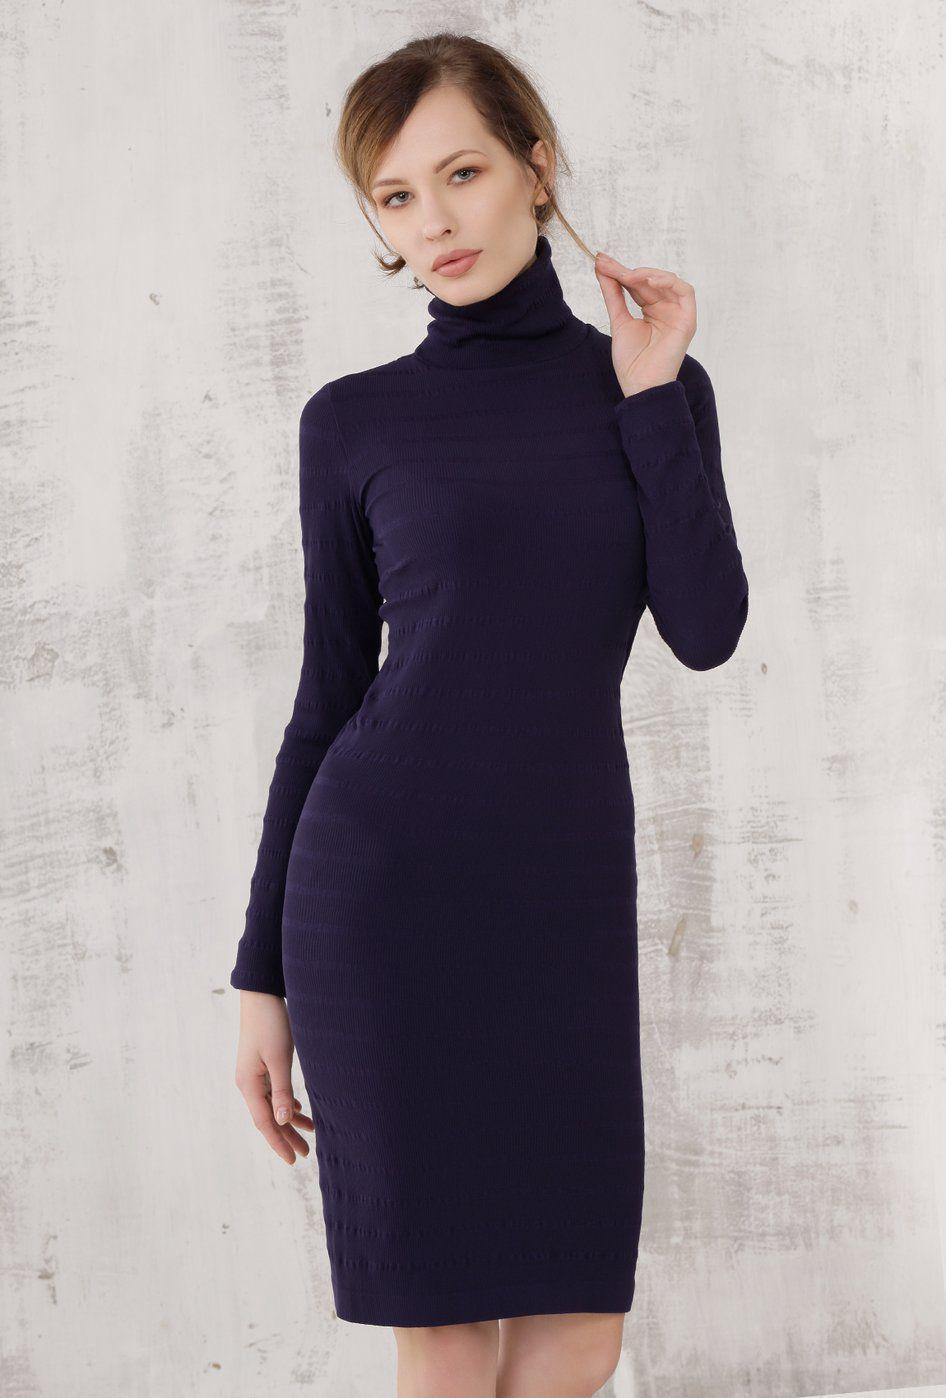 GATTA Sukienka Bandage Dress 5S CARMELITA  r. L (0046545S42292) 0046545S42292 Kleitas sievietēm